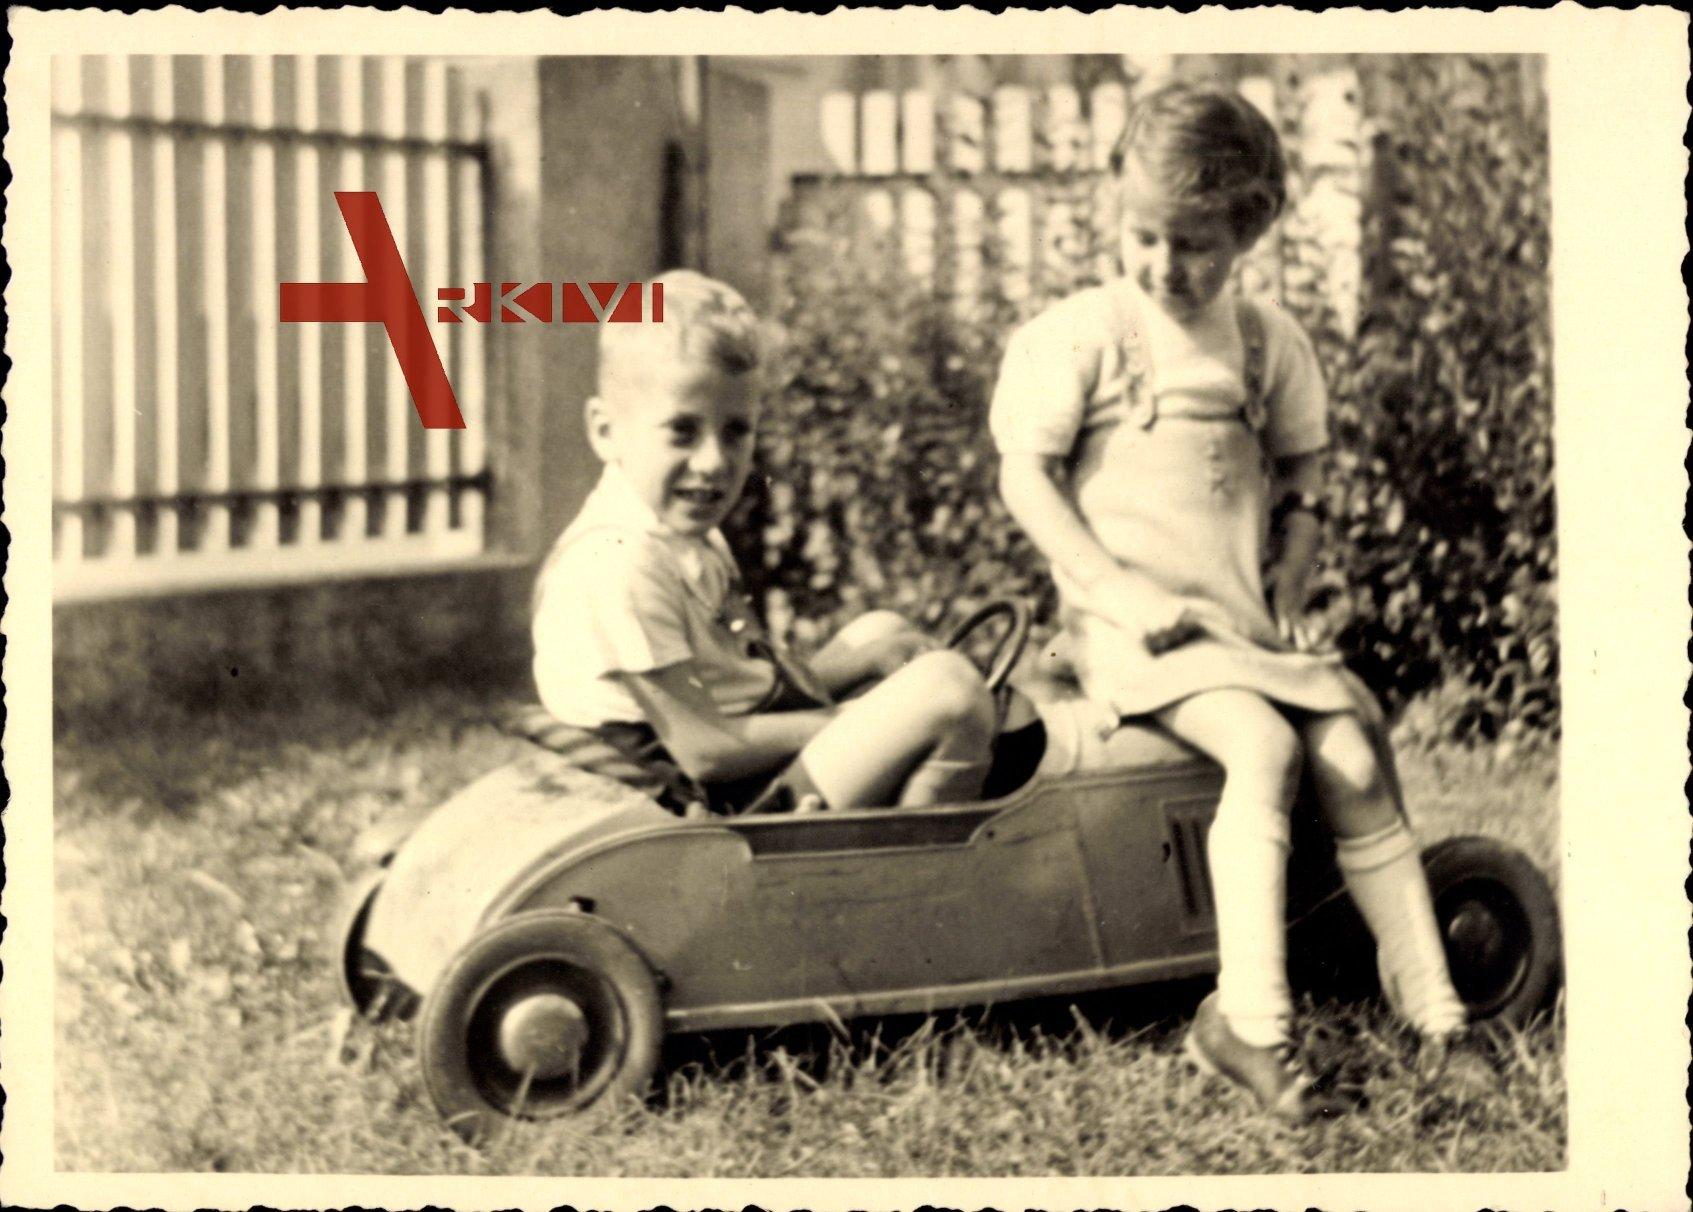 Zwei kleine Kinder in einem Spielzeugauto, Spielzeug